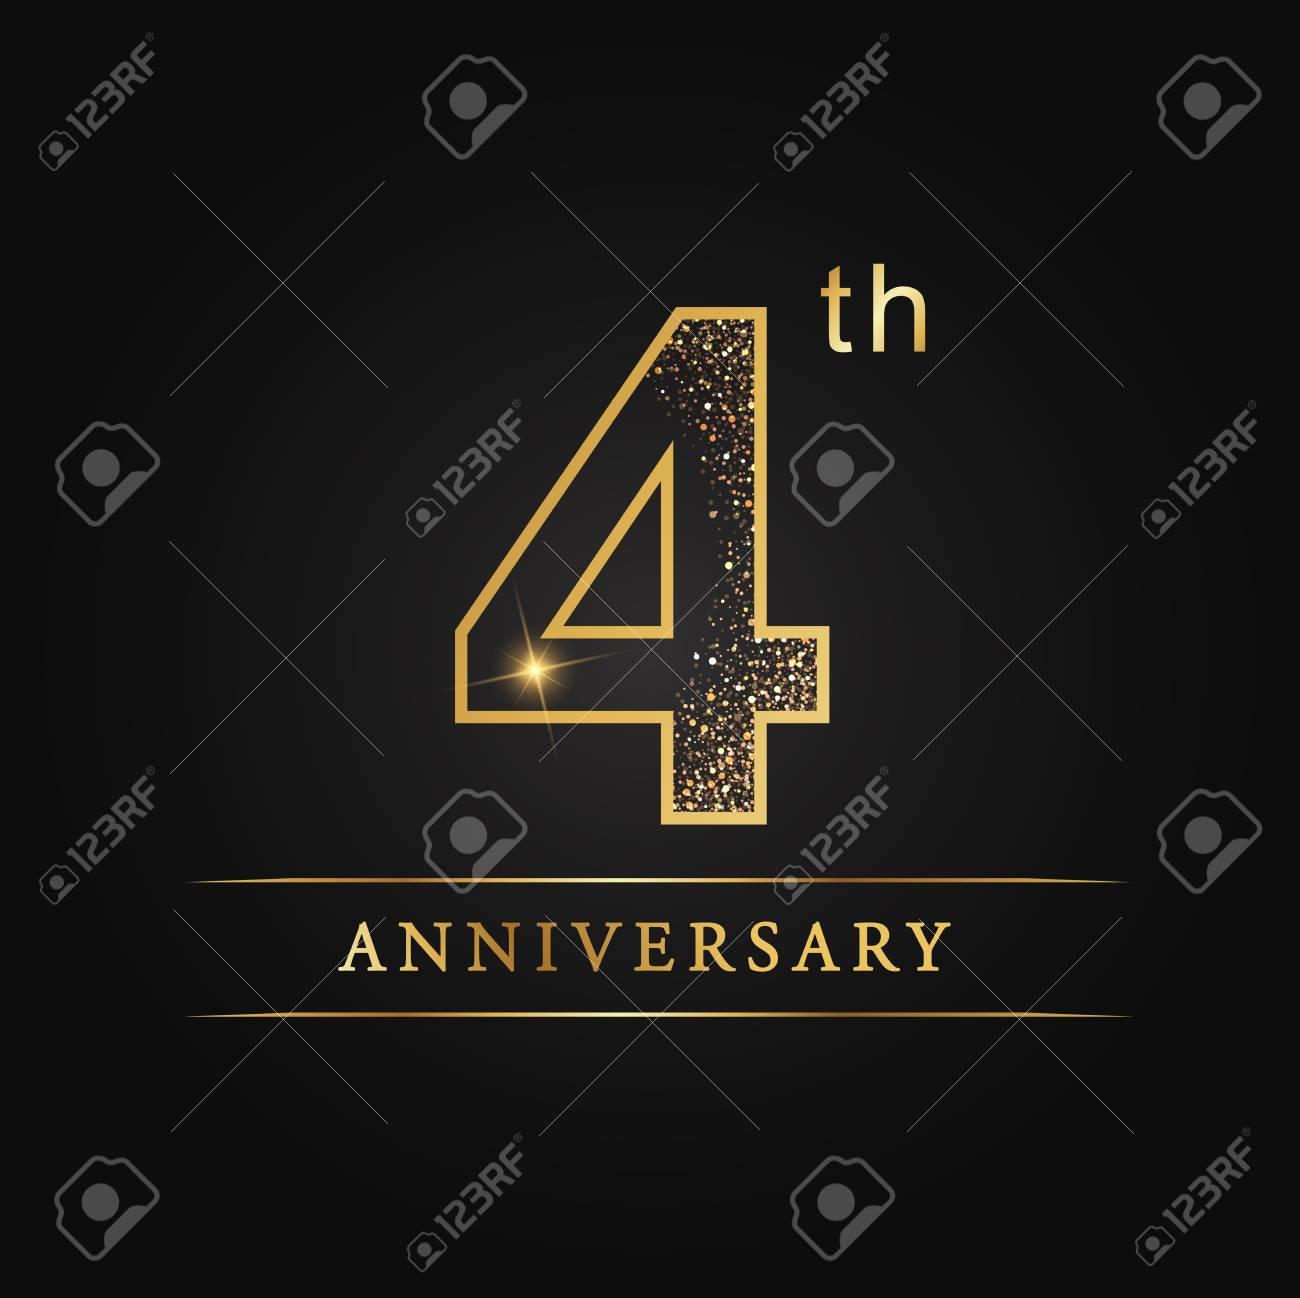 4 Years Anniversary Celebration Logotype 4th Anniversary Logo